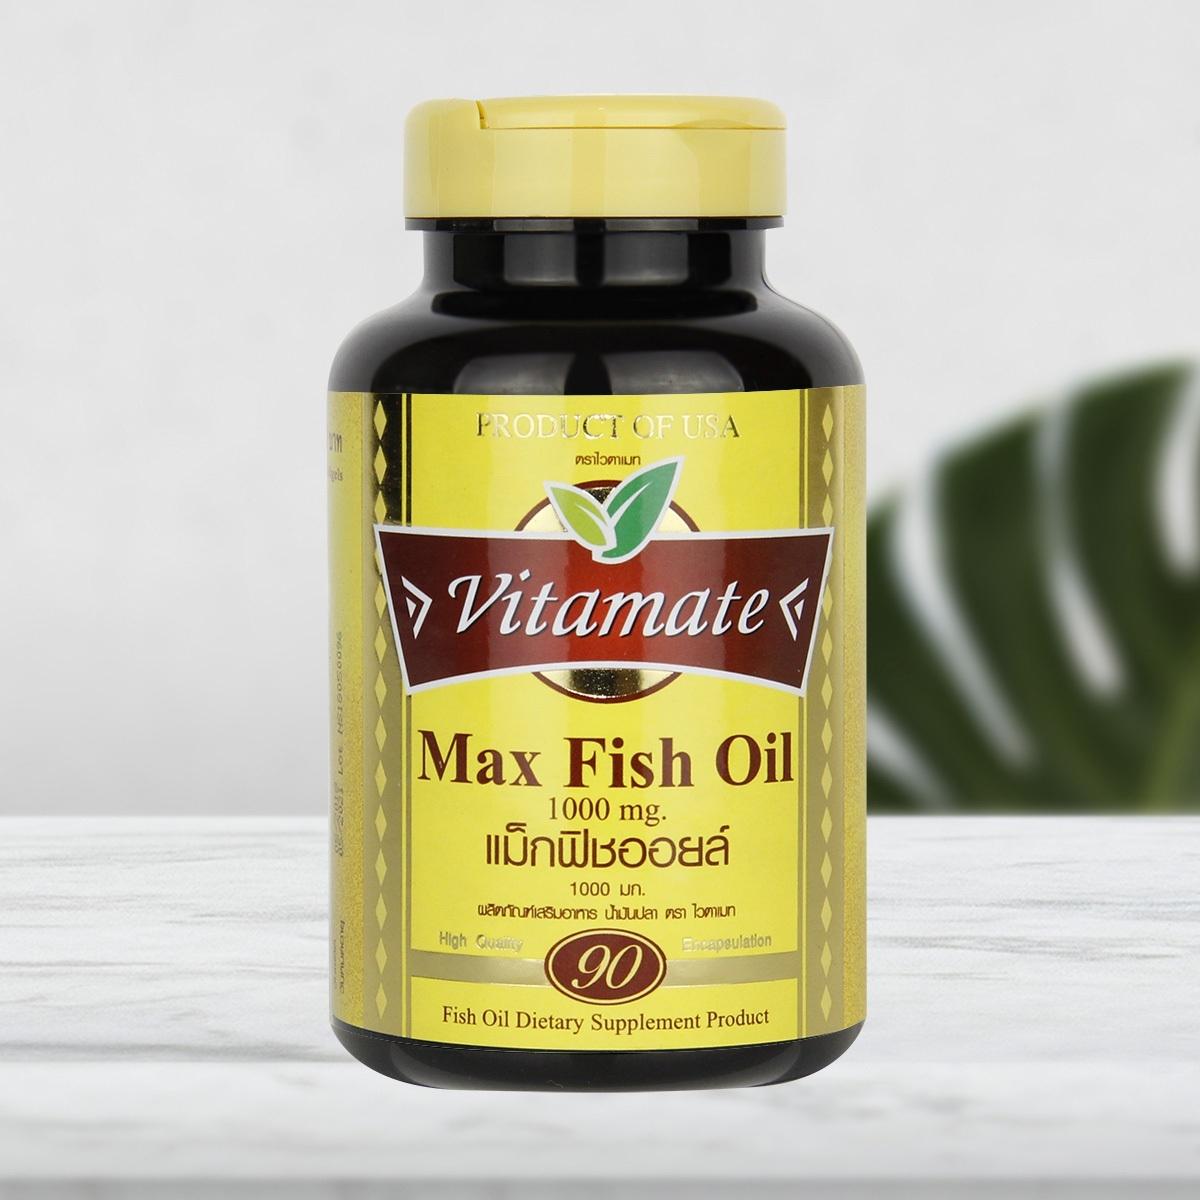 Vitamate Max Fish Oil  1000 mg.